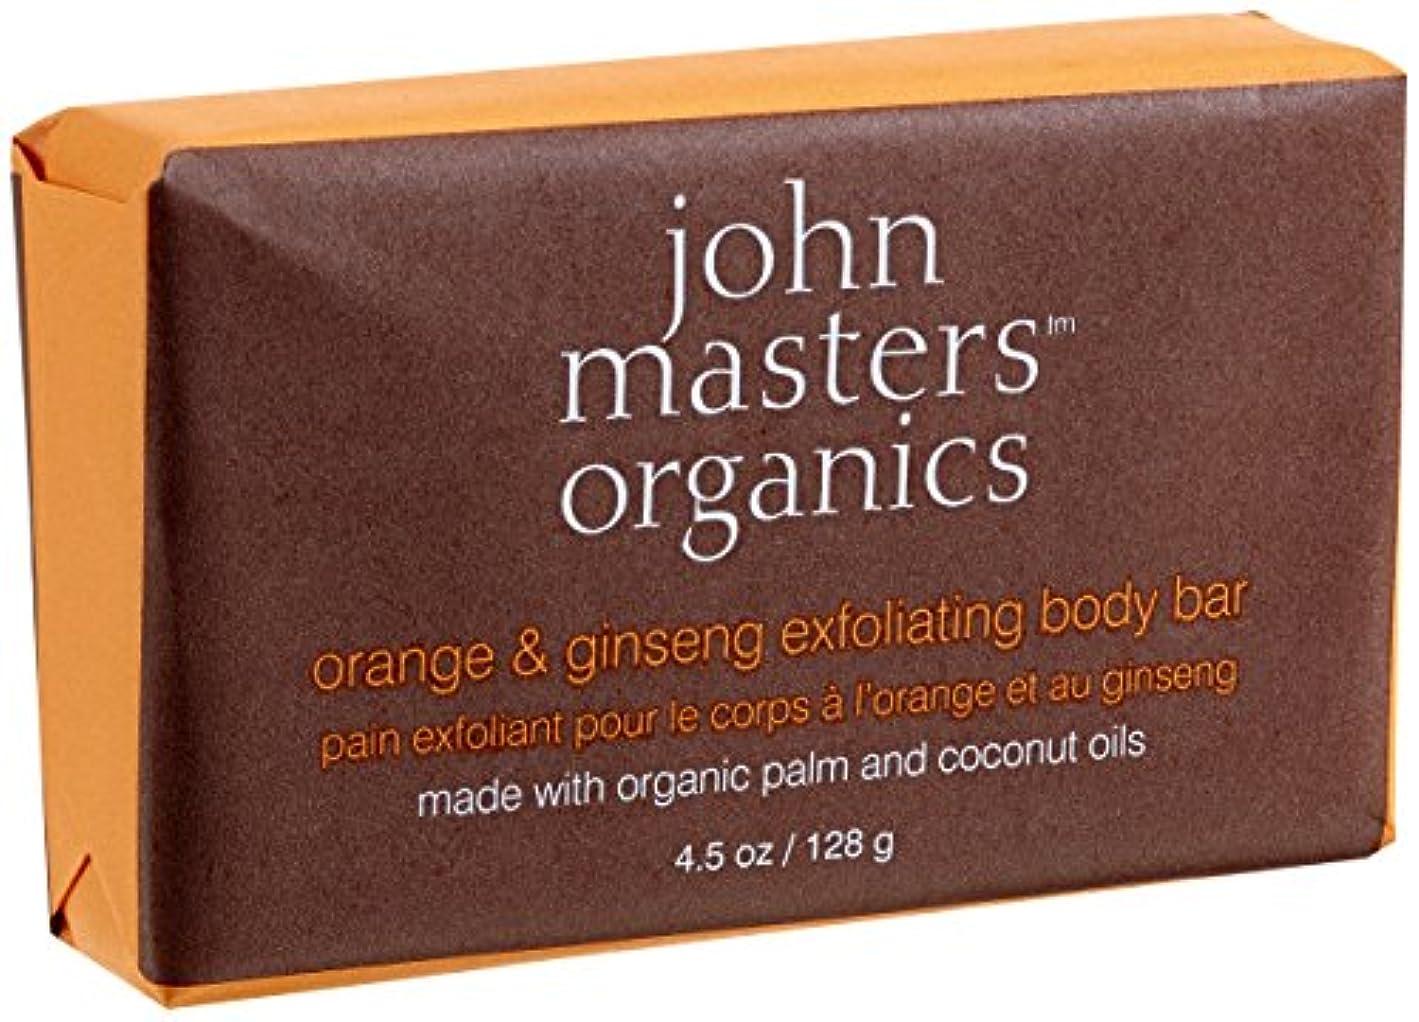 シリンダー底同様にジョンマスターオーガニック オレンジ&ジンセンエクスフォリエイティングボディソープ 128g